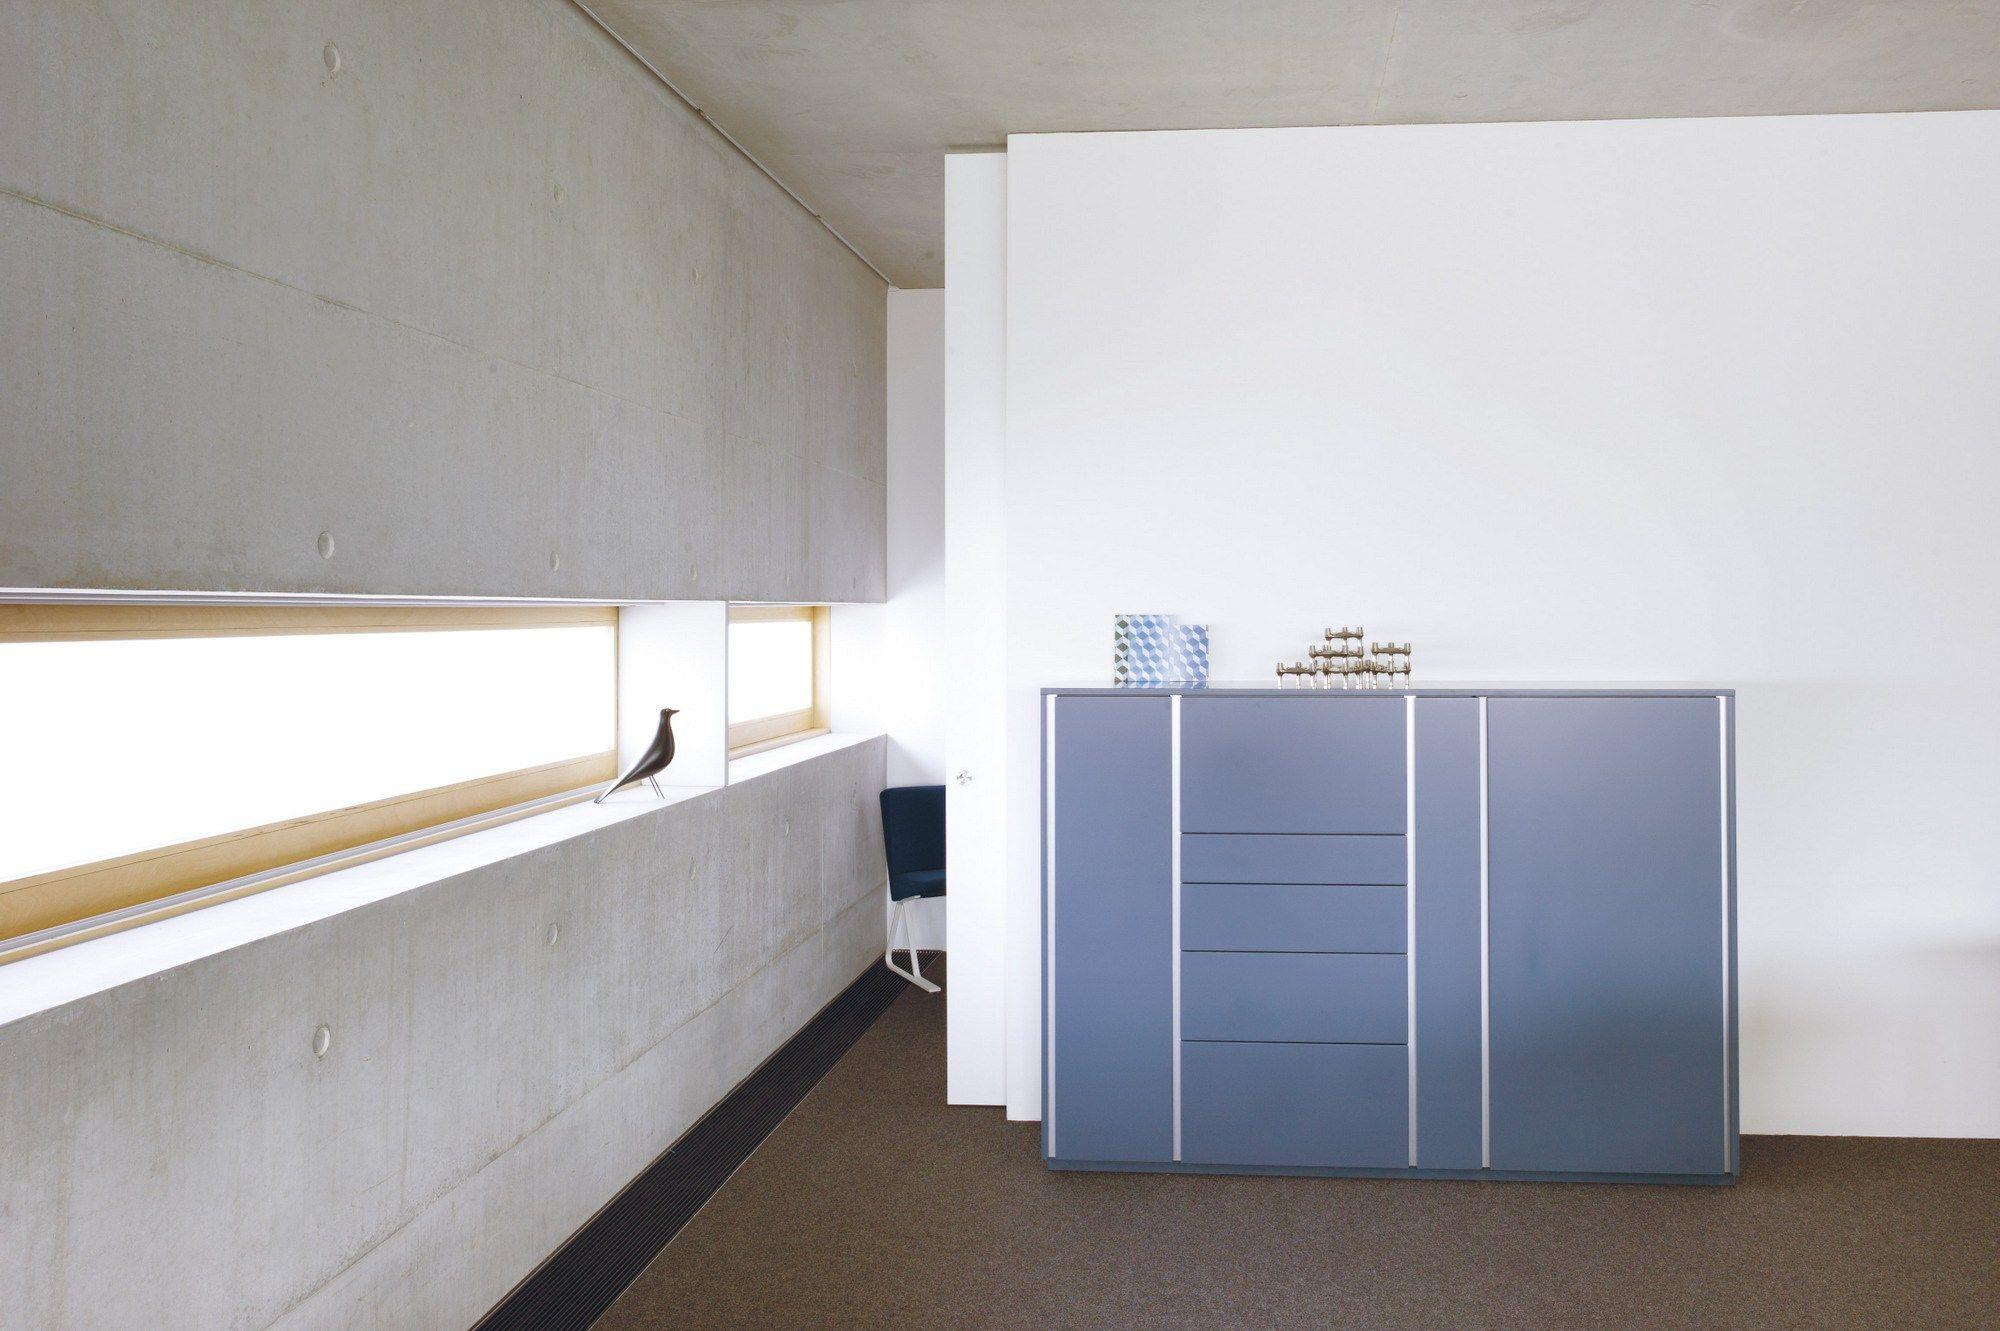 Stripes sideboard by schönbuch design jehs laub